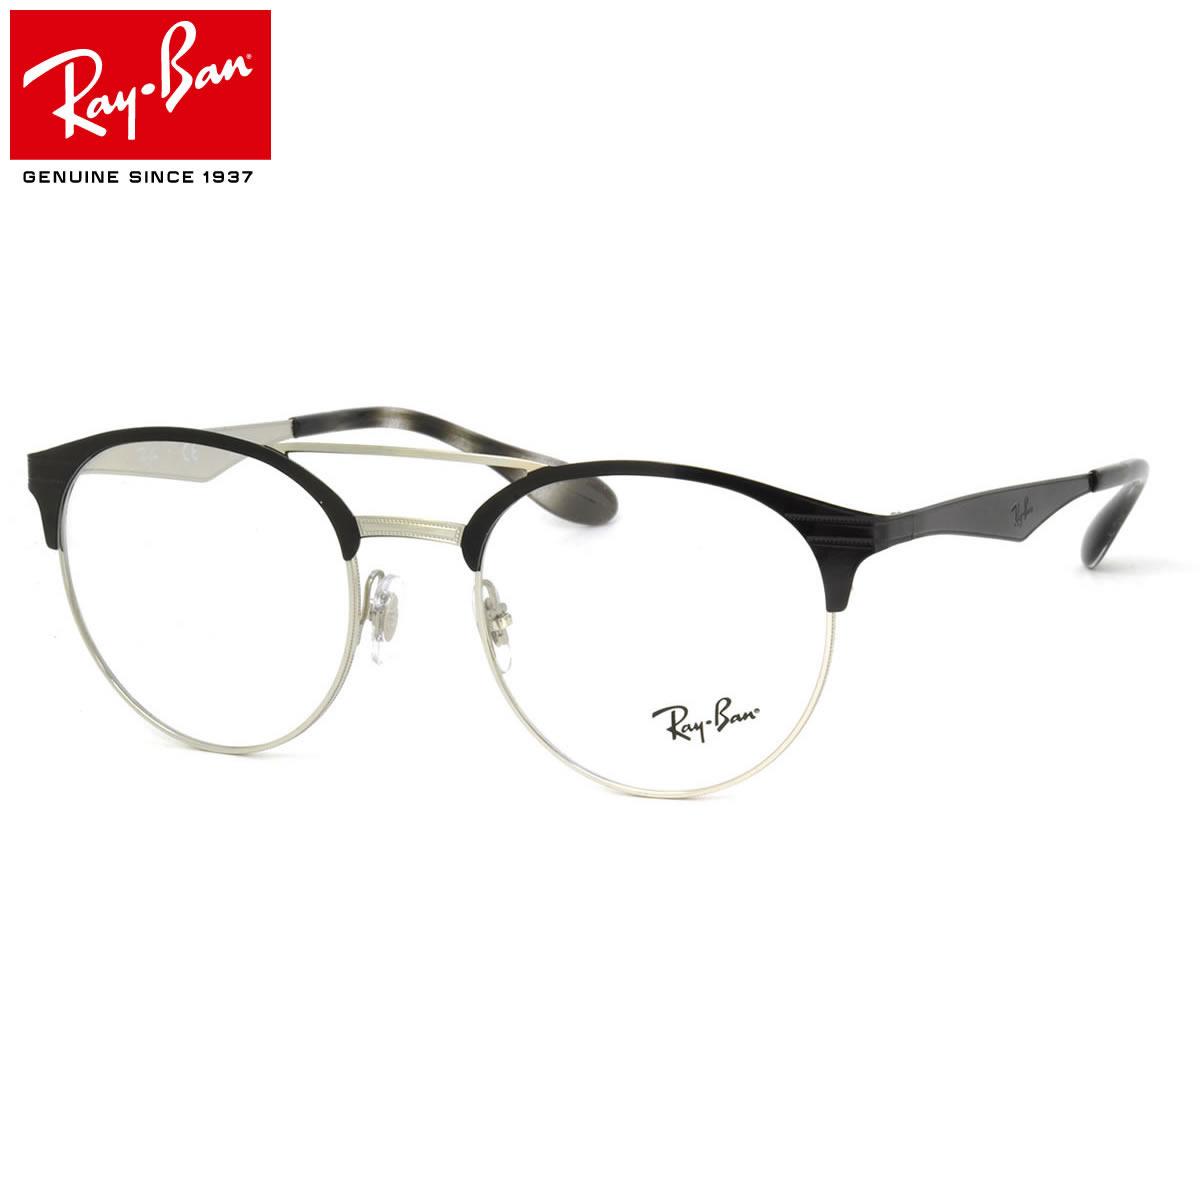 【10月30日からエントリーで全品ポイント20倍】レイバン メガネ フレーム Ray-Ban RX3545V 2861 49サイズ ボストン 丸メガネ フレーム ツーブリッジ レイバン RAYBAN メンズ レディース